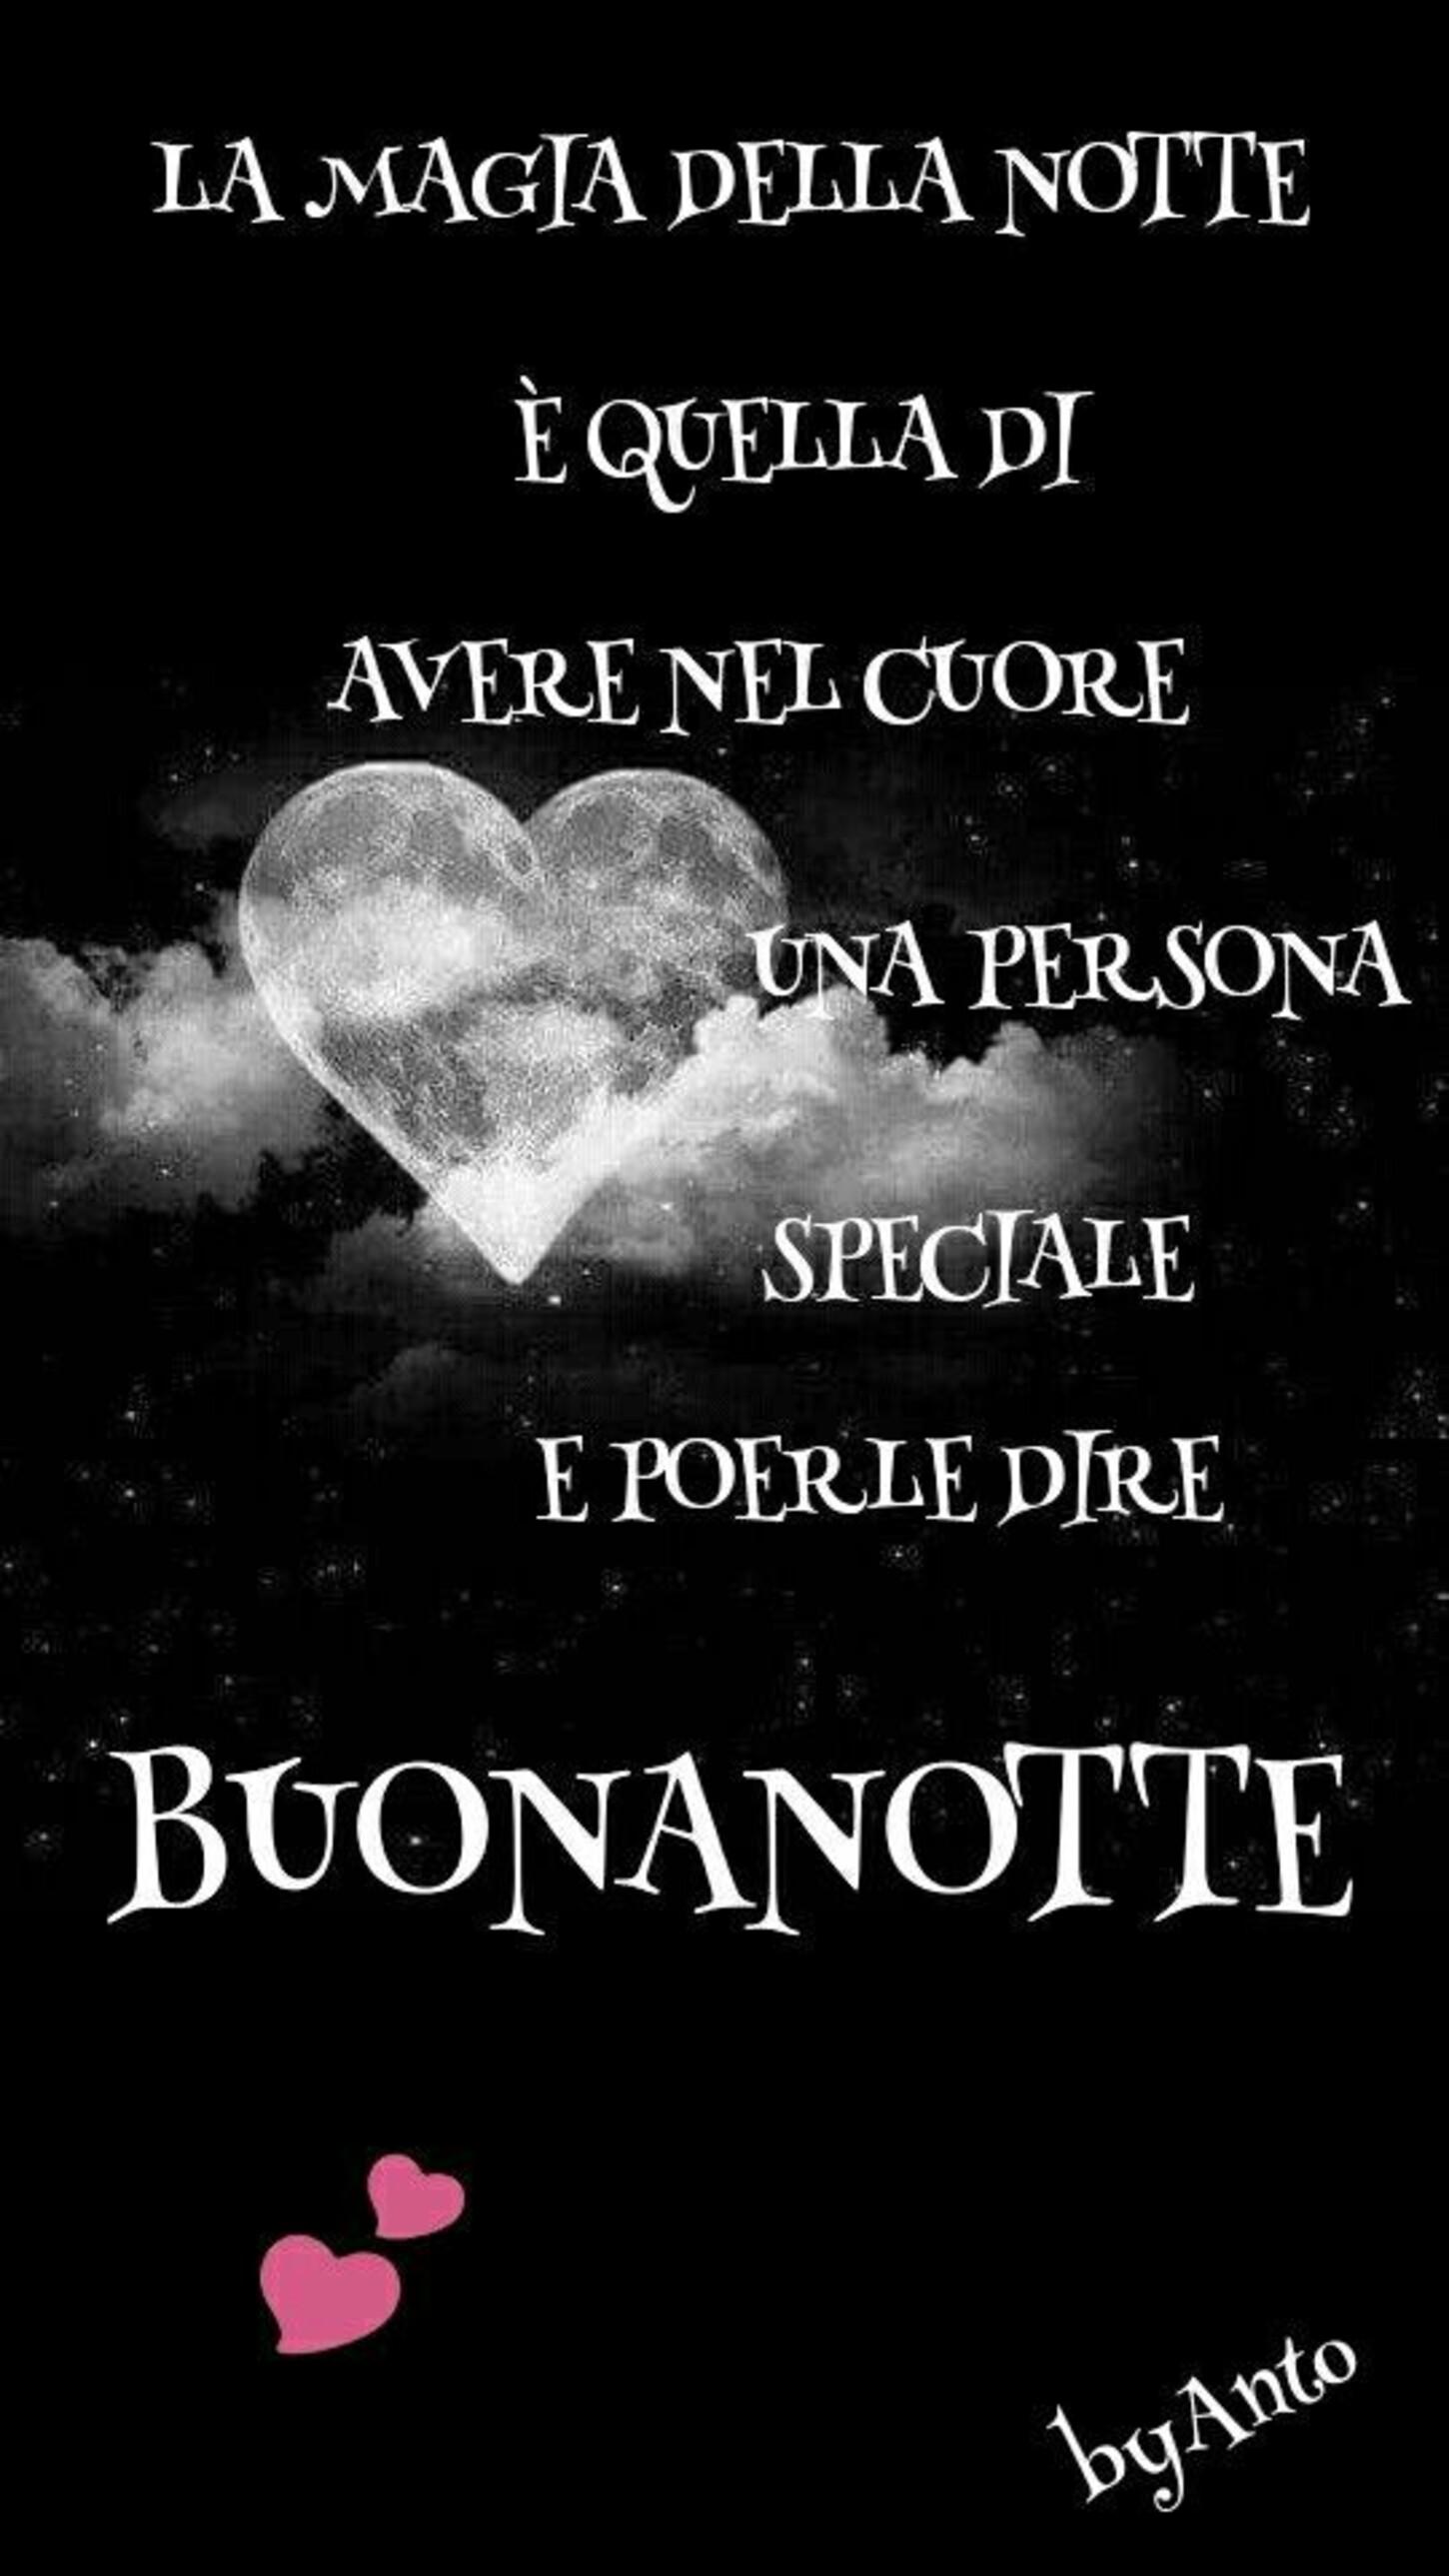 La magia della notte è quella di avere nel cuore una persona speciale e poterle dire Buonanotte